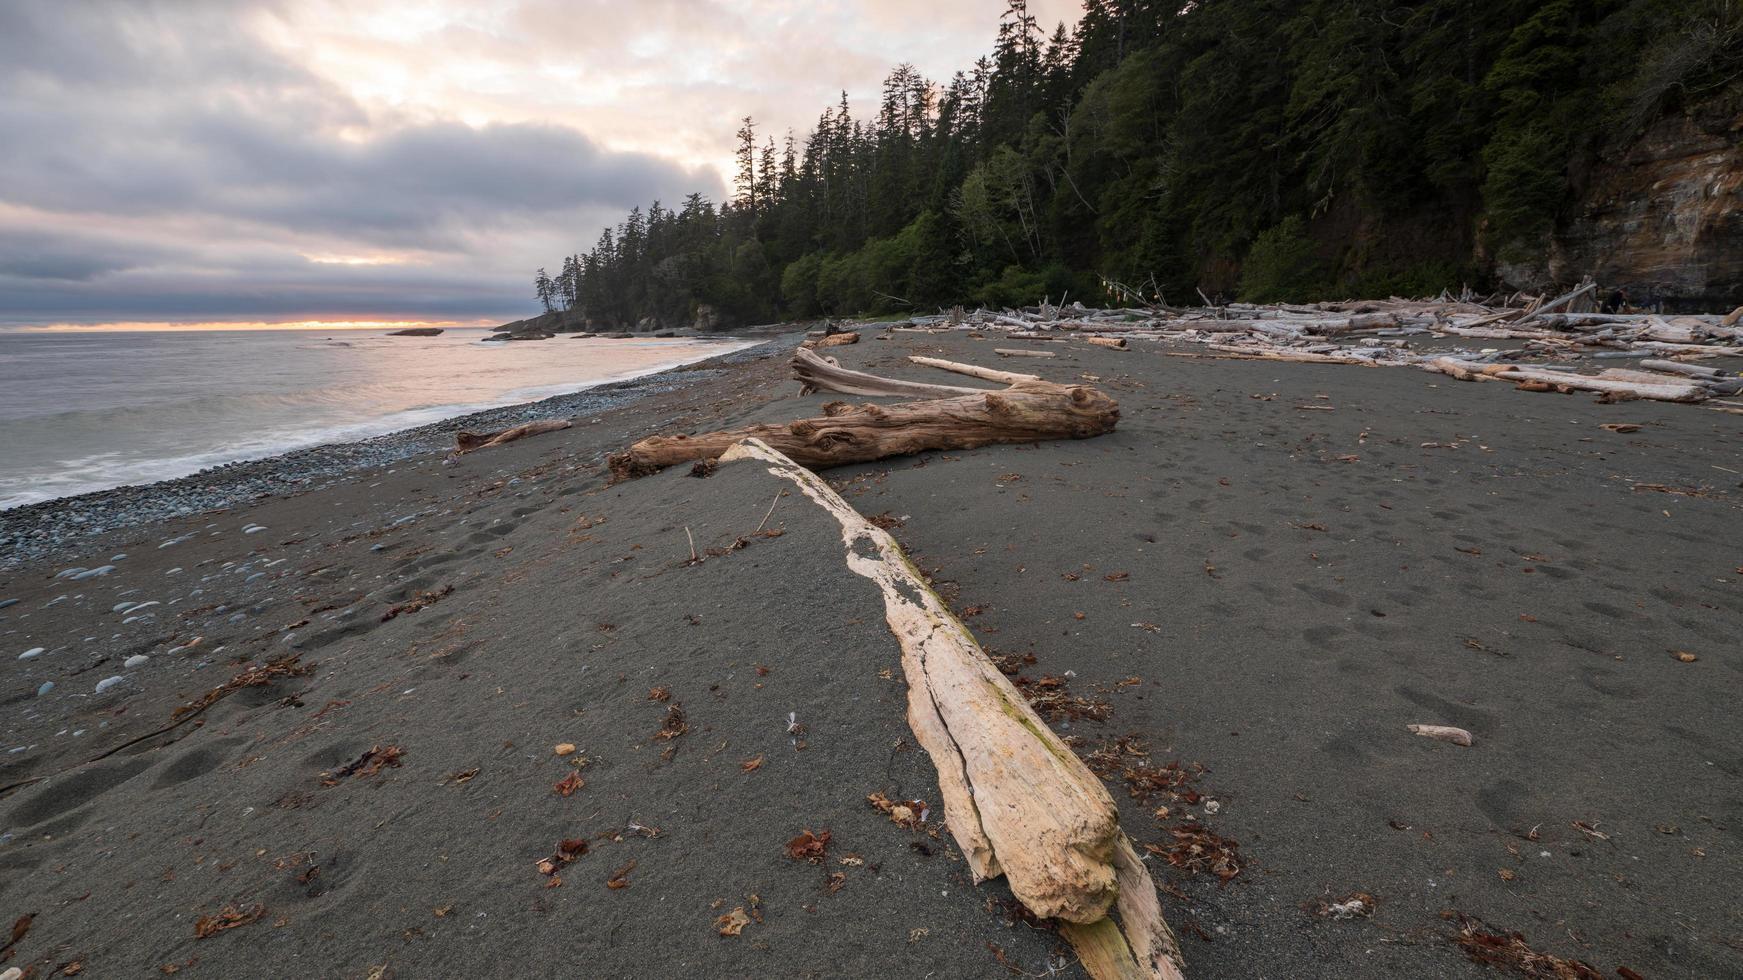 spiaggia di tronchi di legno marrone foto